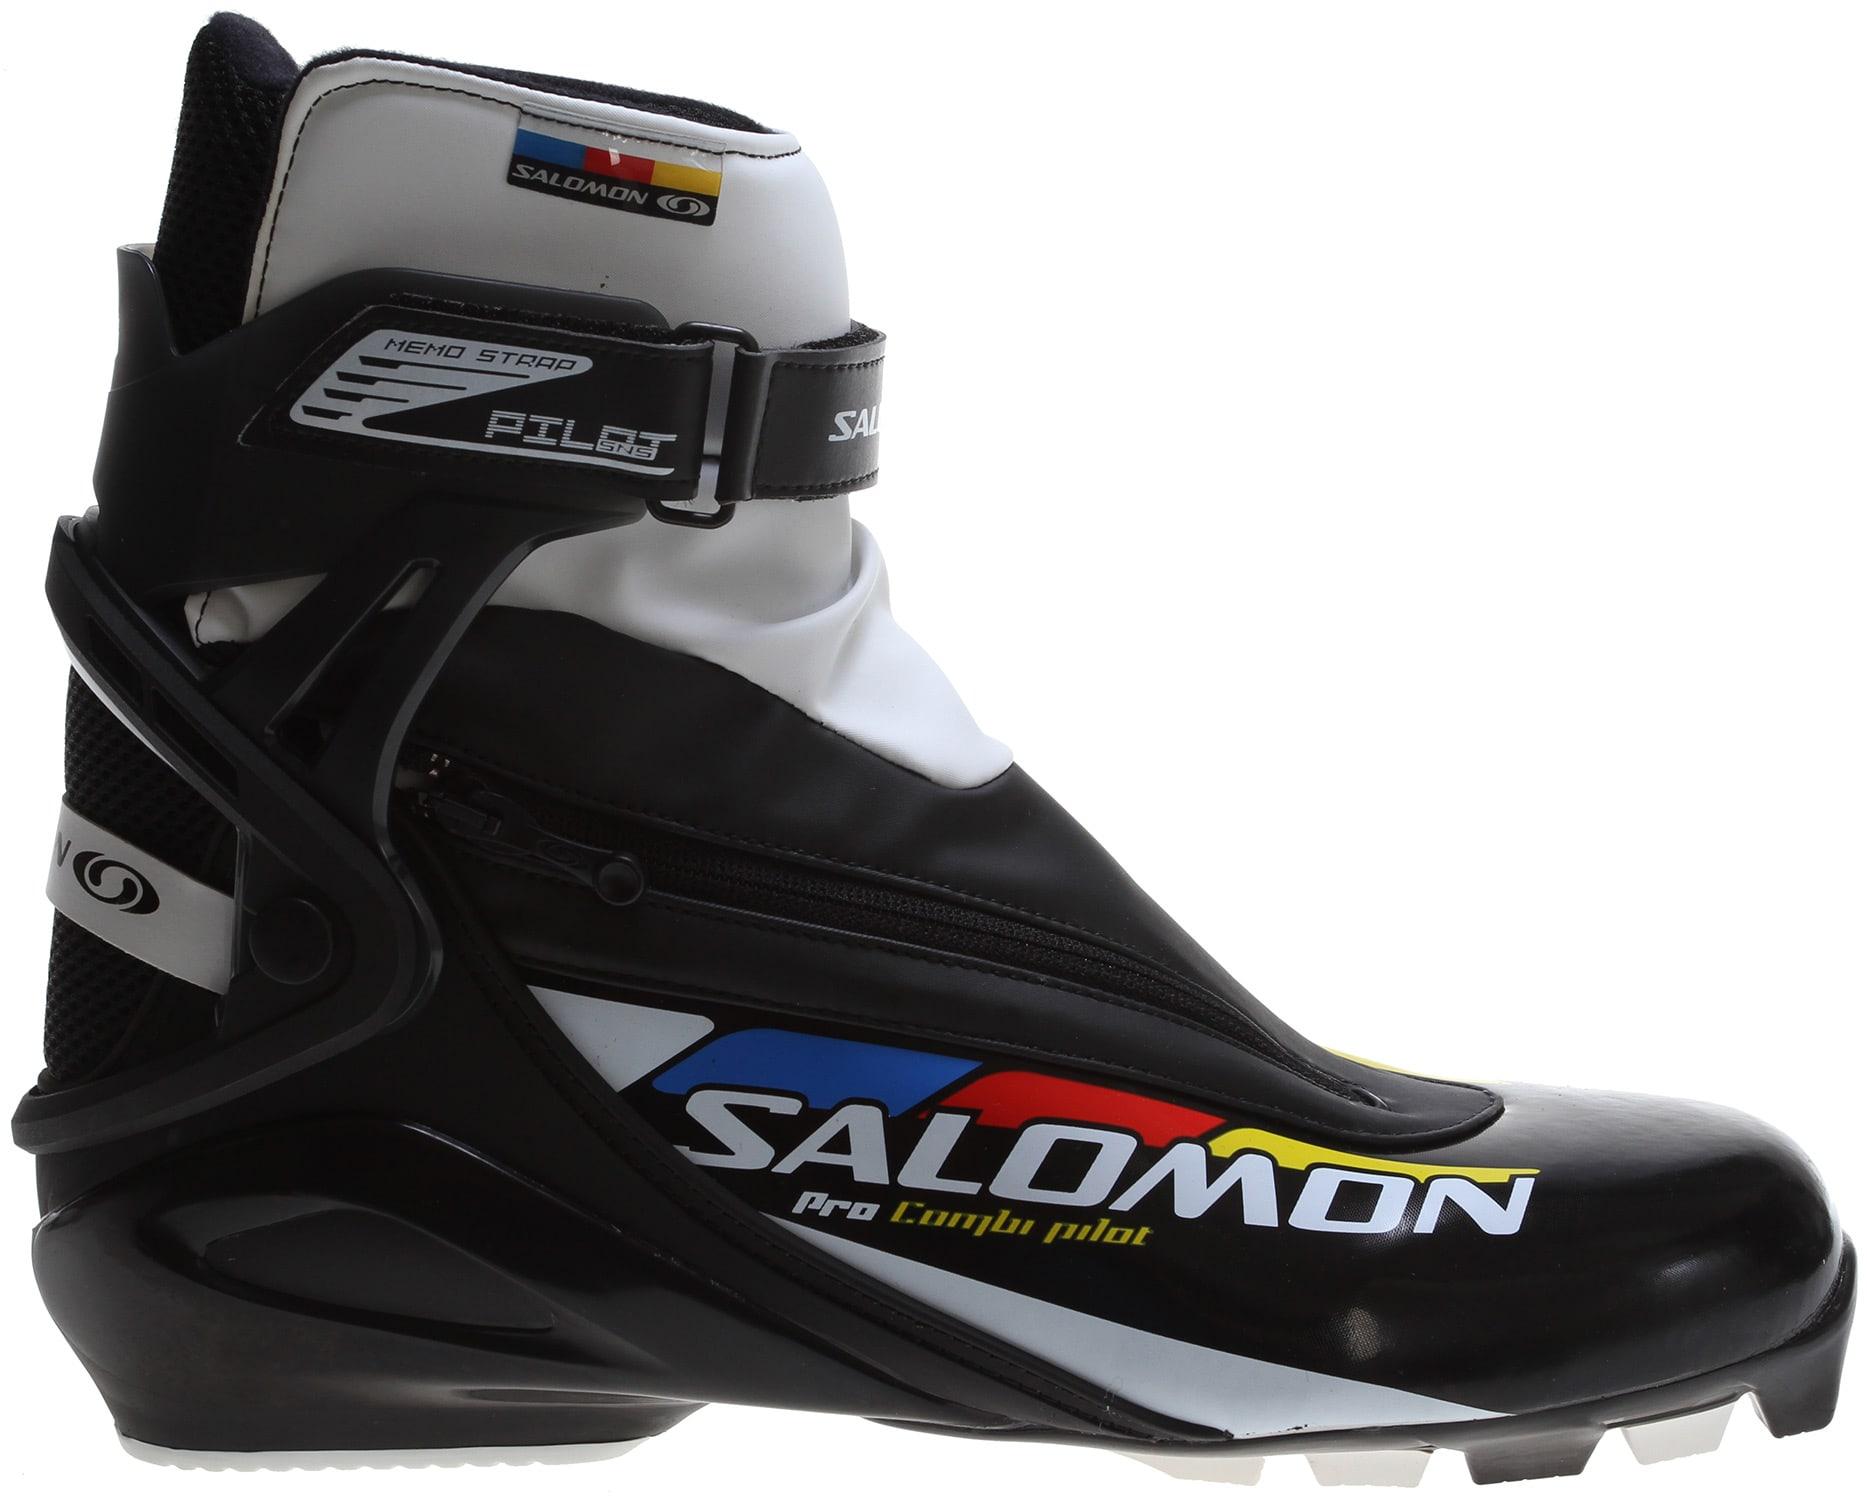 Salomon Pro Combi Pilot Nordic Ski Boots on PopScreen